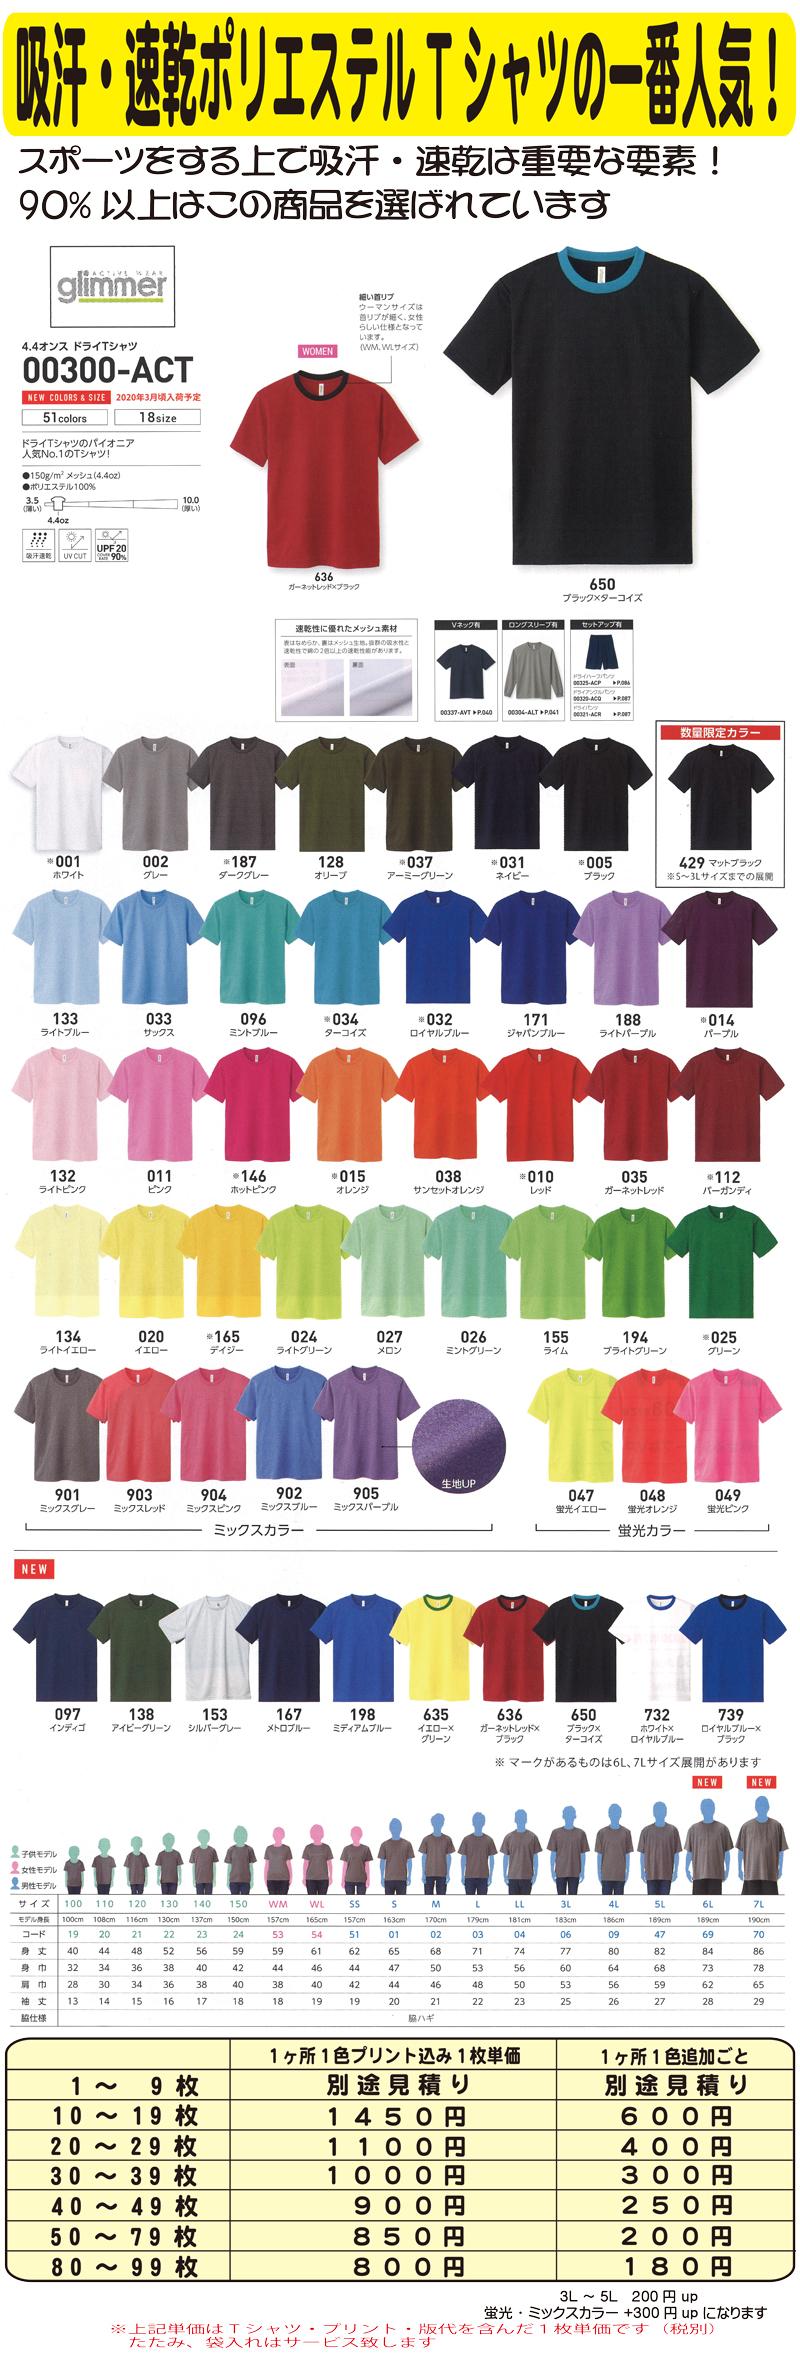 スリービー Tシャツ 00300